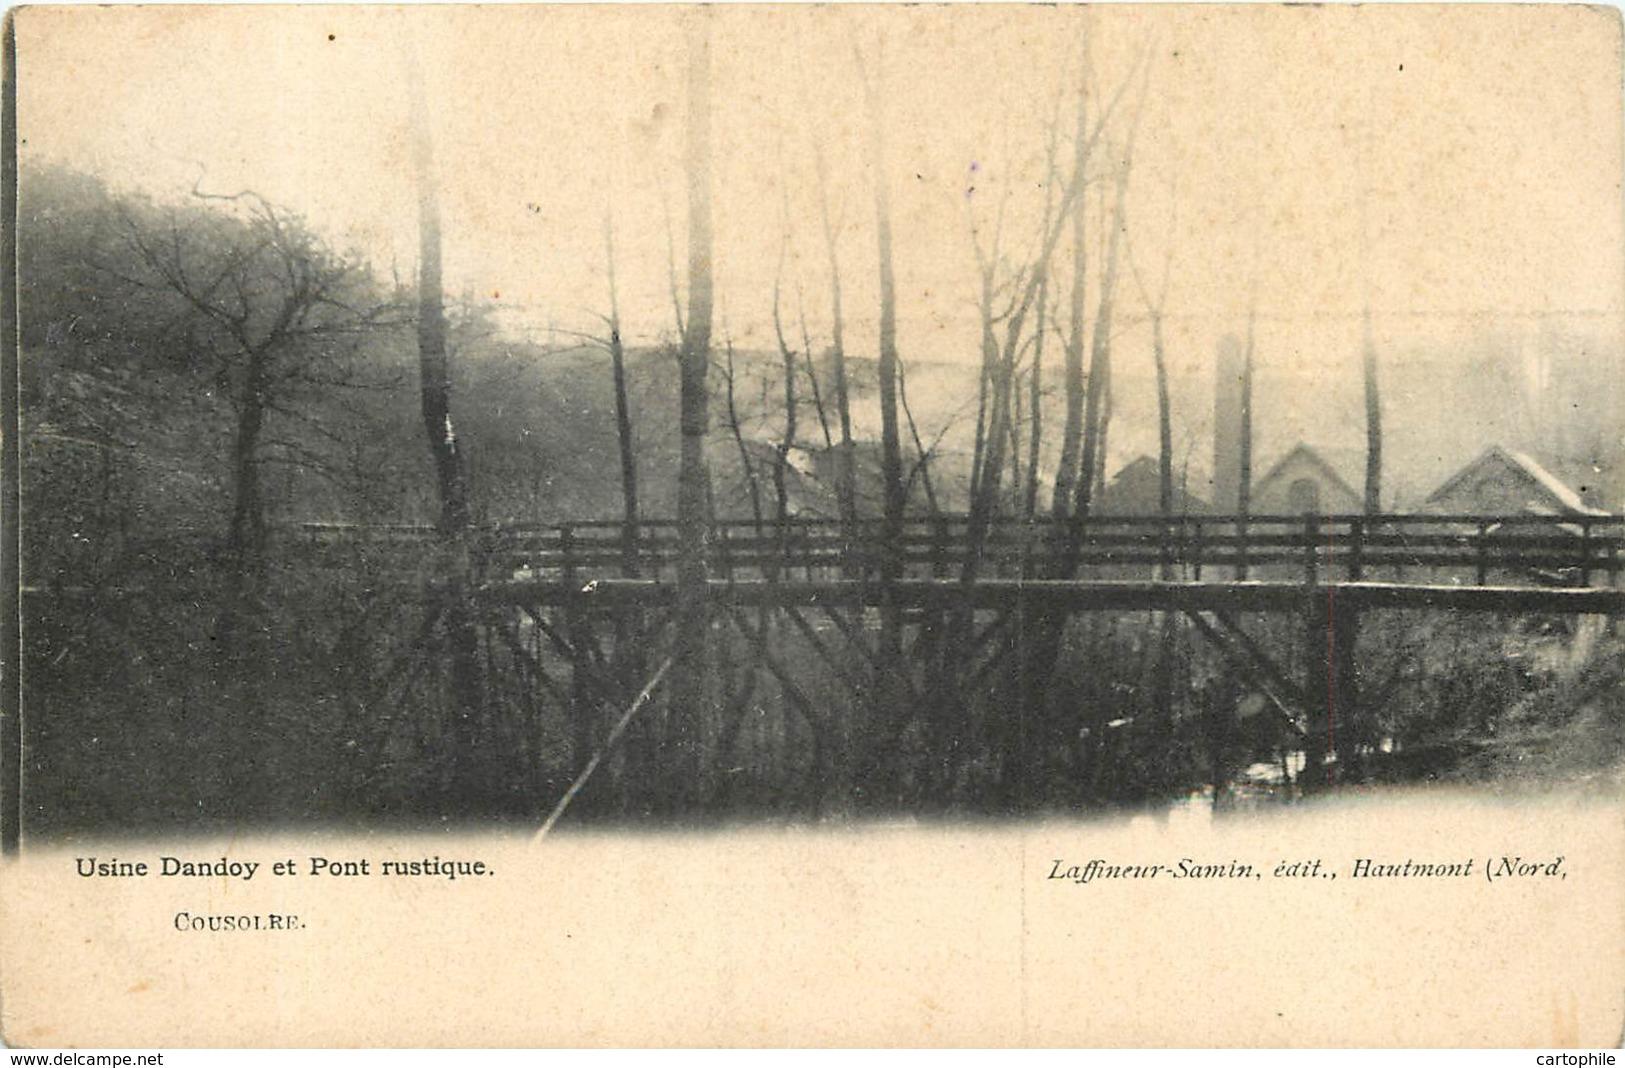 59 - COUSOLRE - Usine Dandoy Et Pont Rustique - France